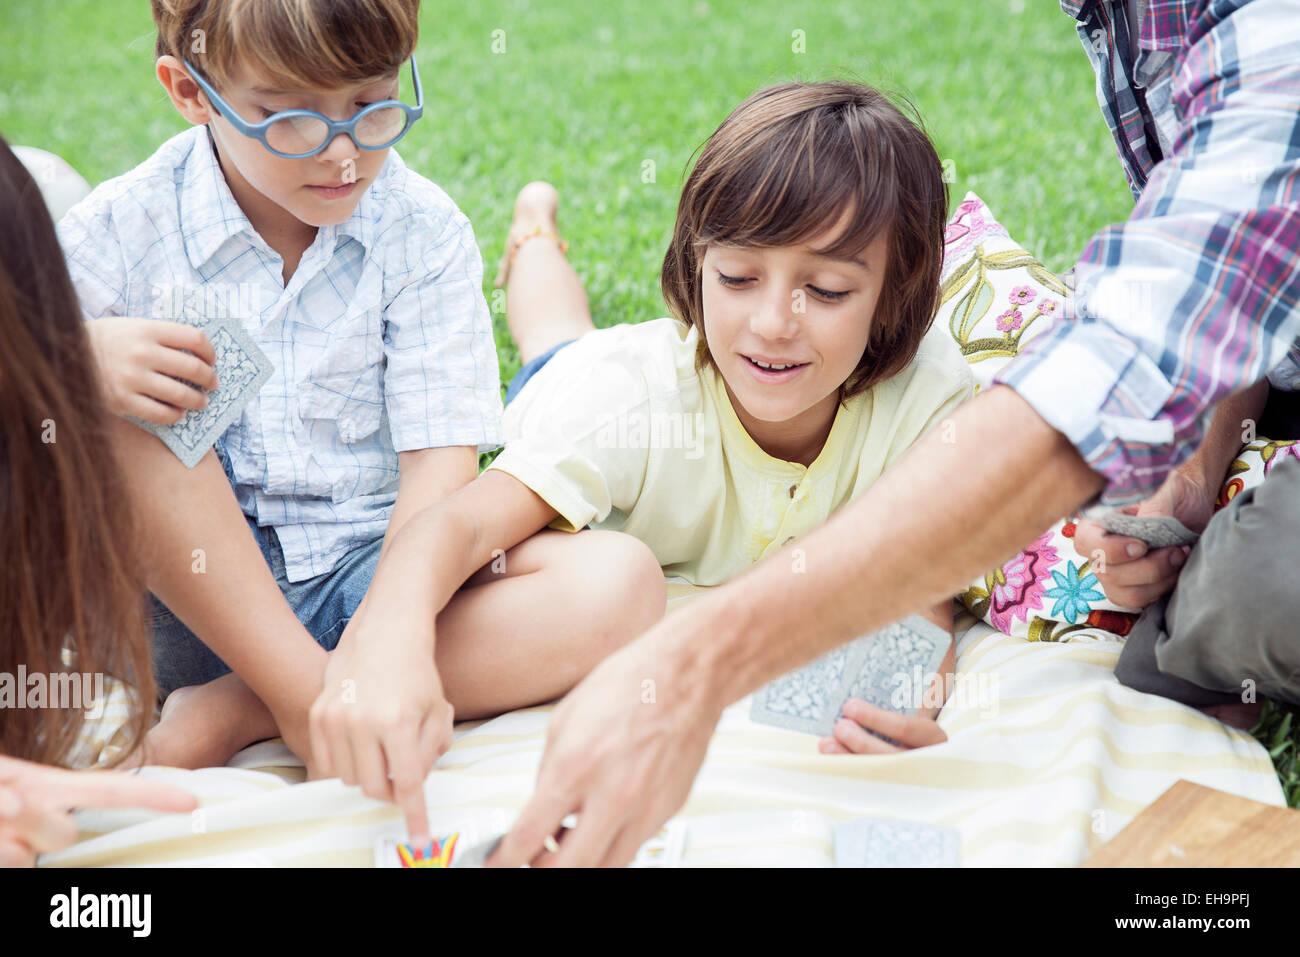 Muchachos jugando cartas a picnic familiar Imagen De Stock